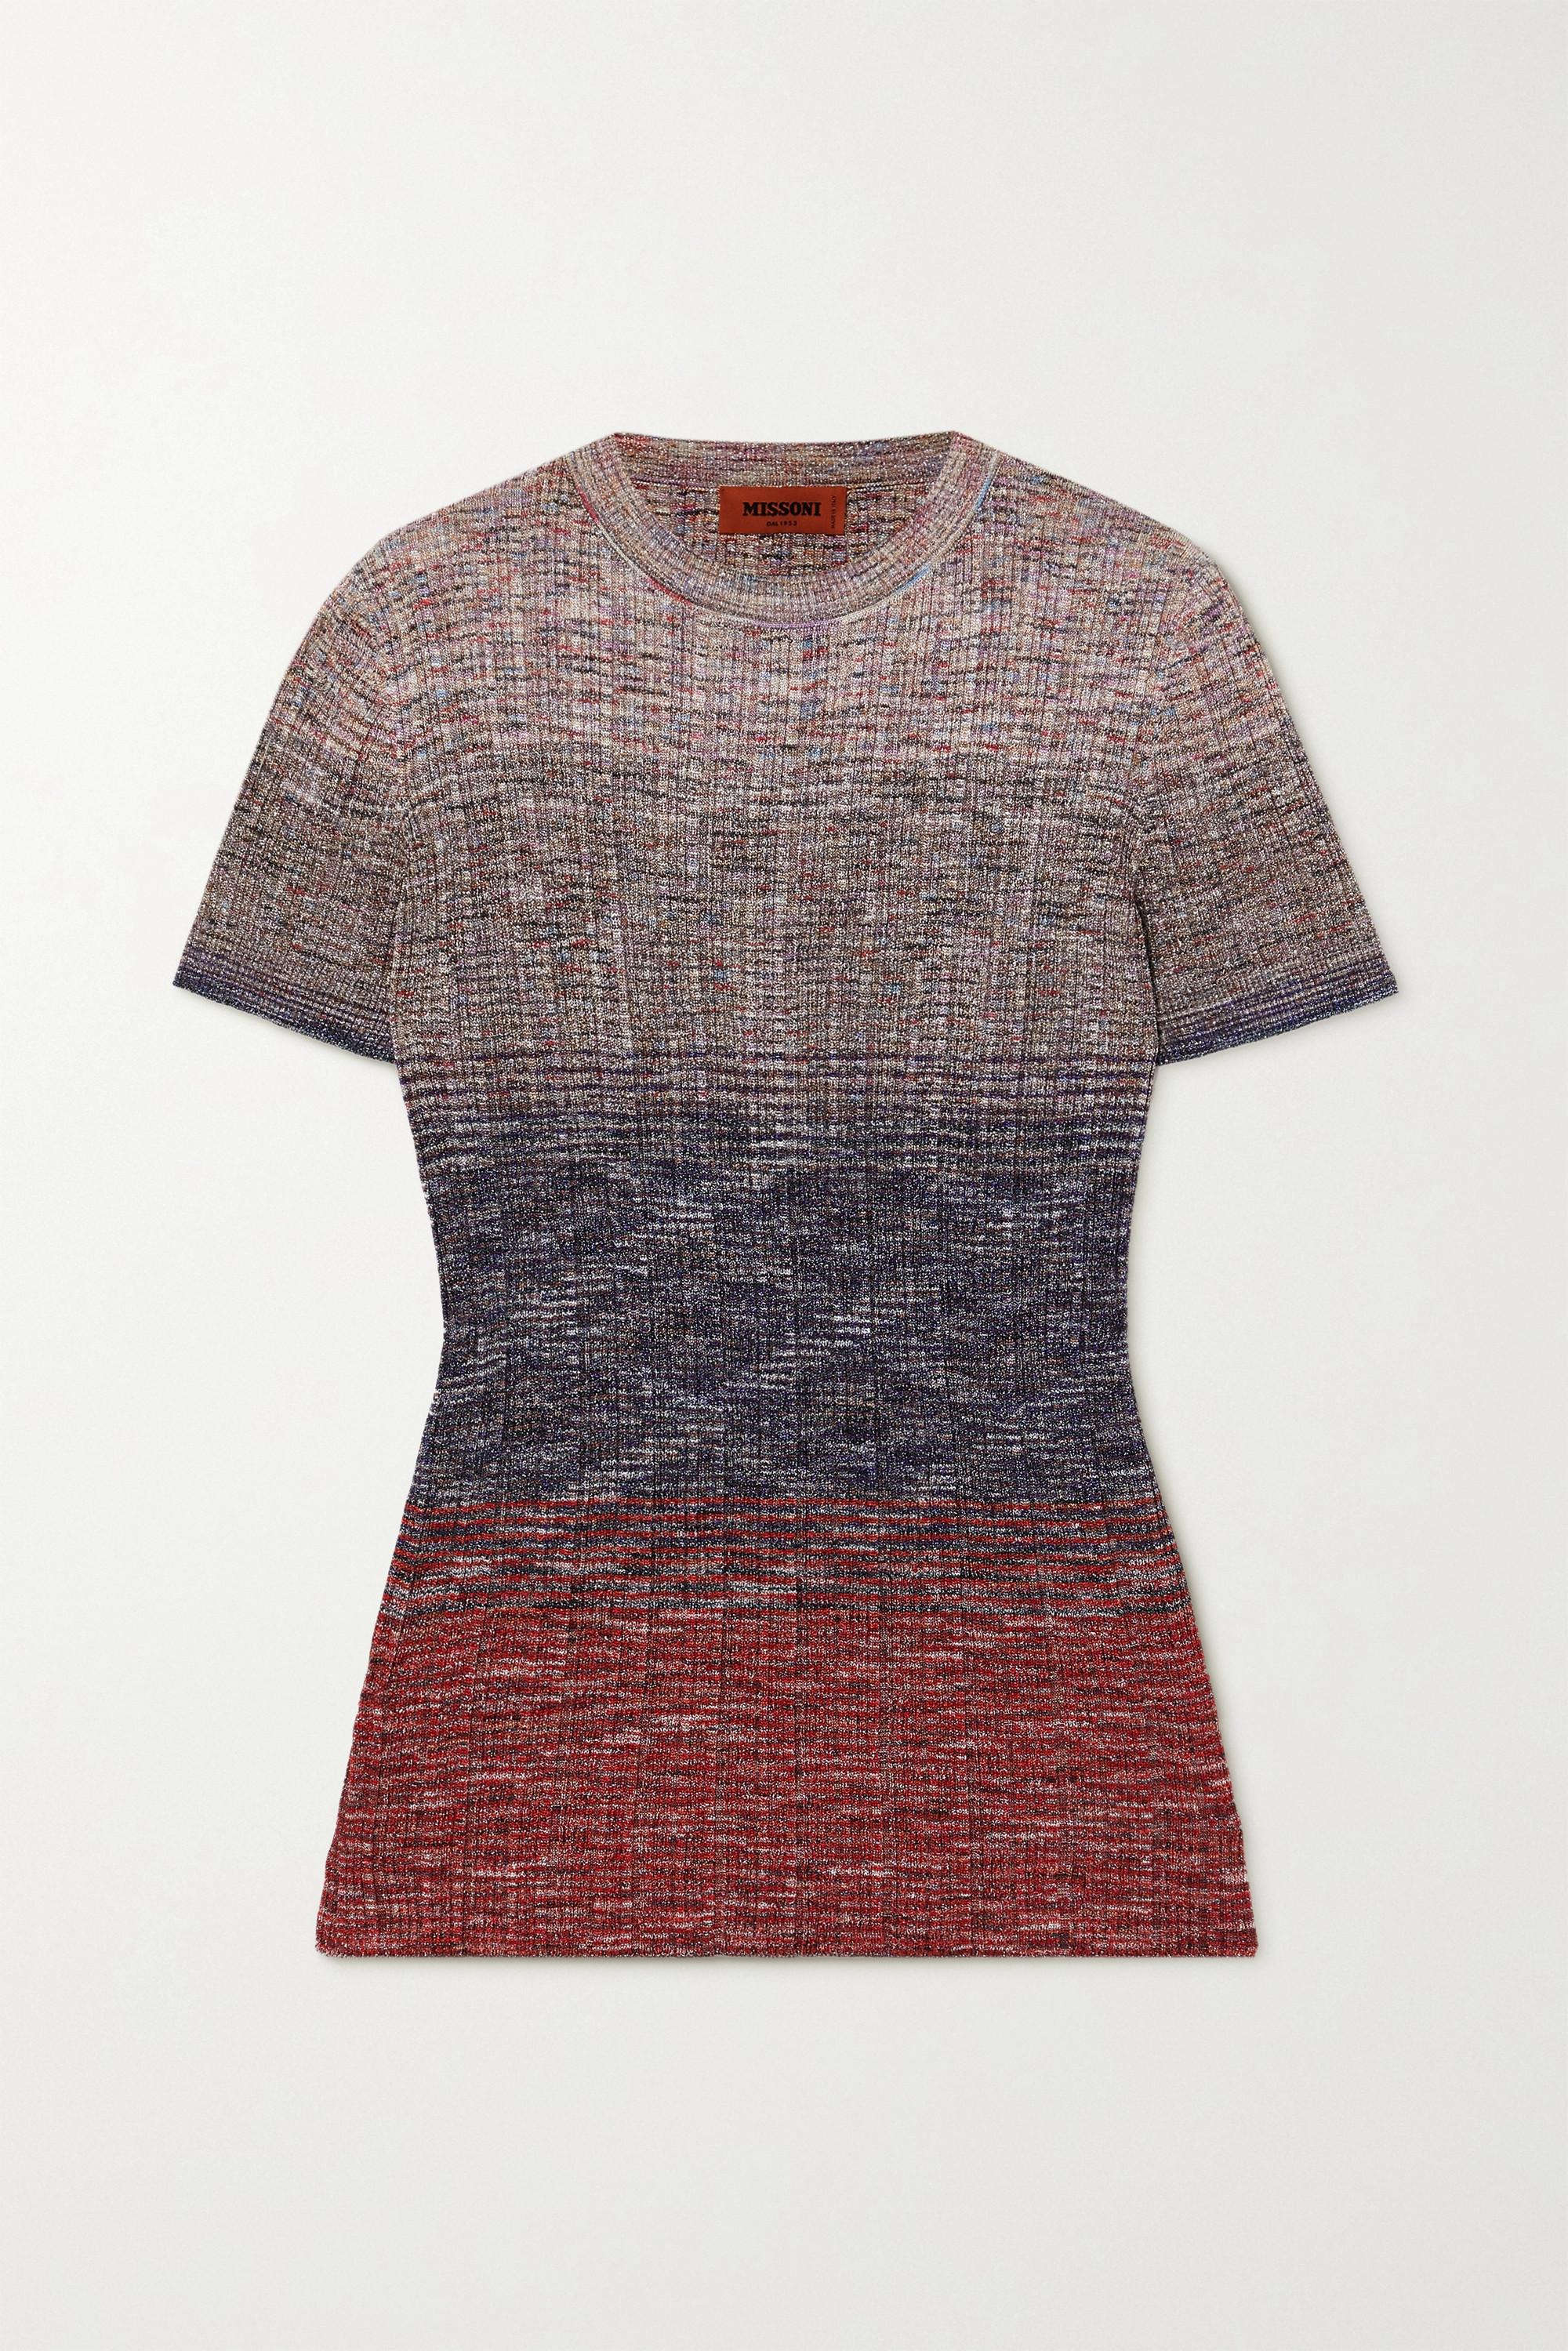 Missoni Dégradé crochet-knit top